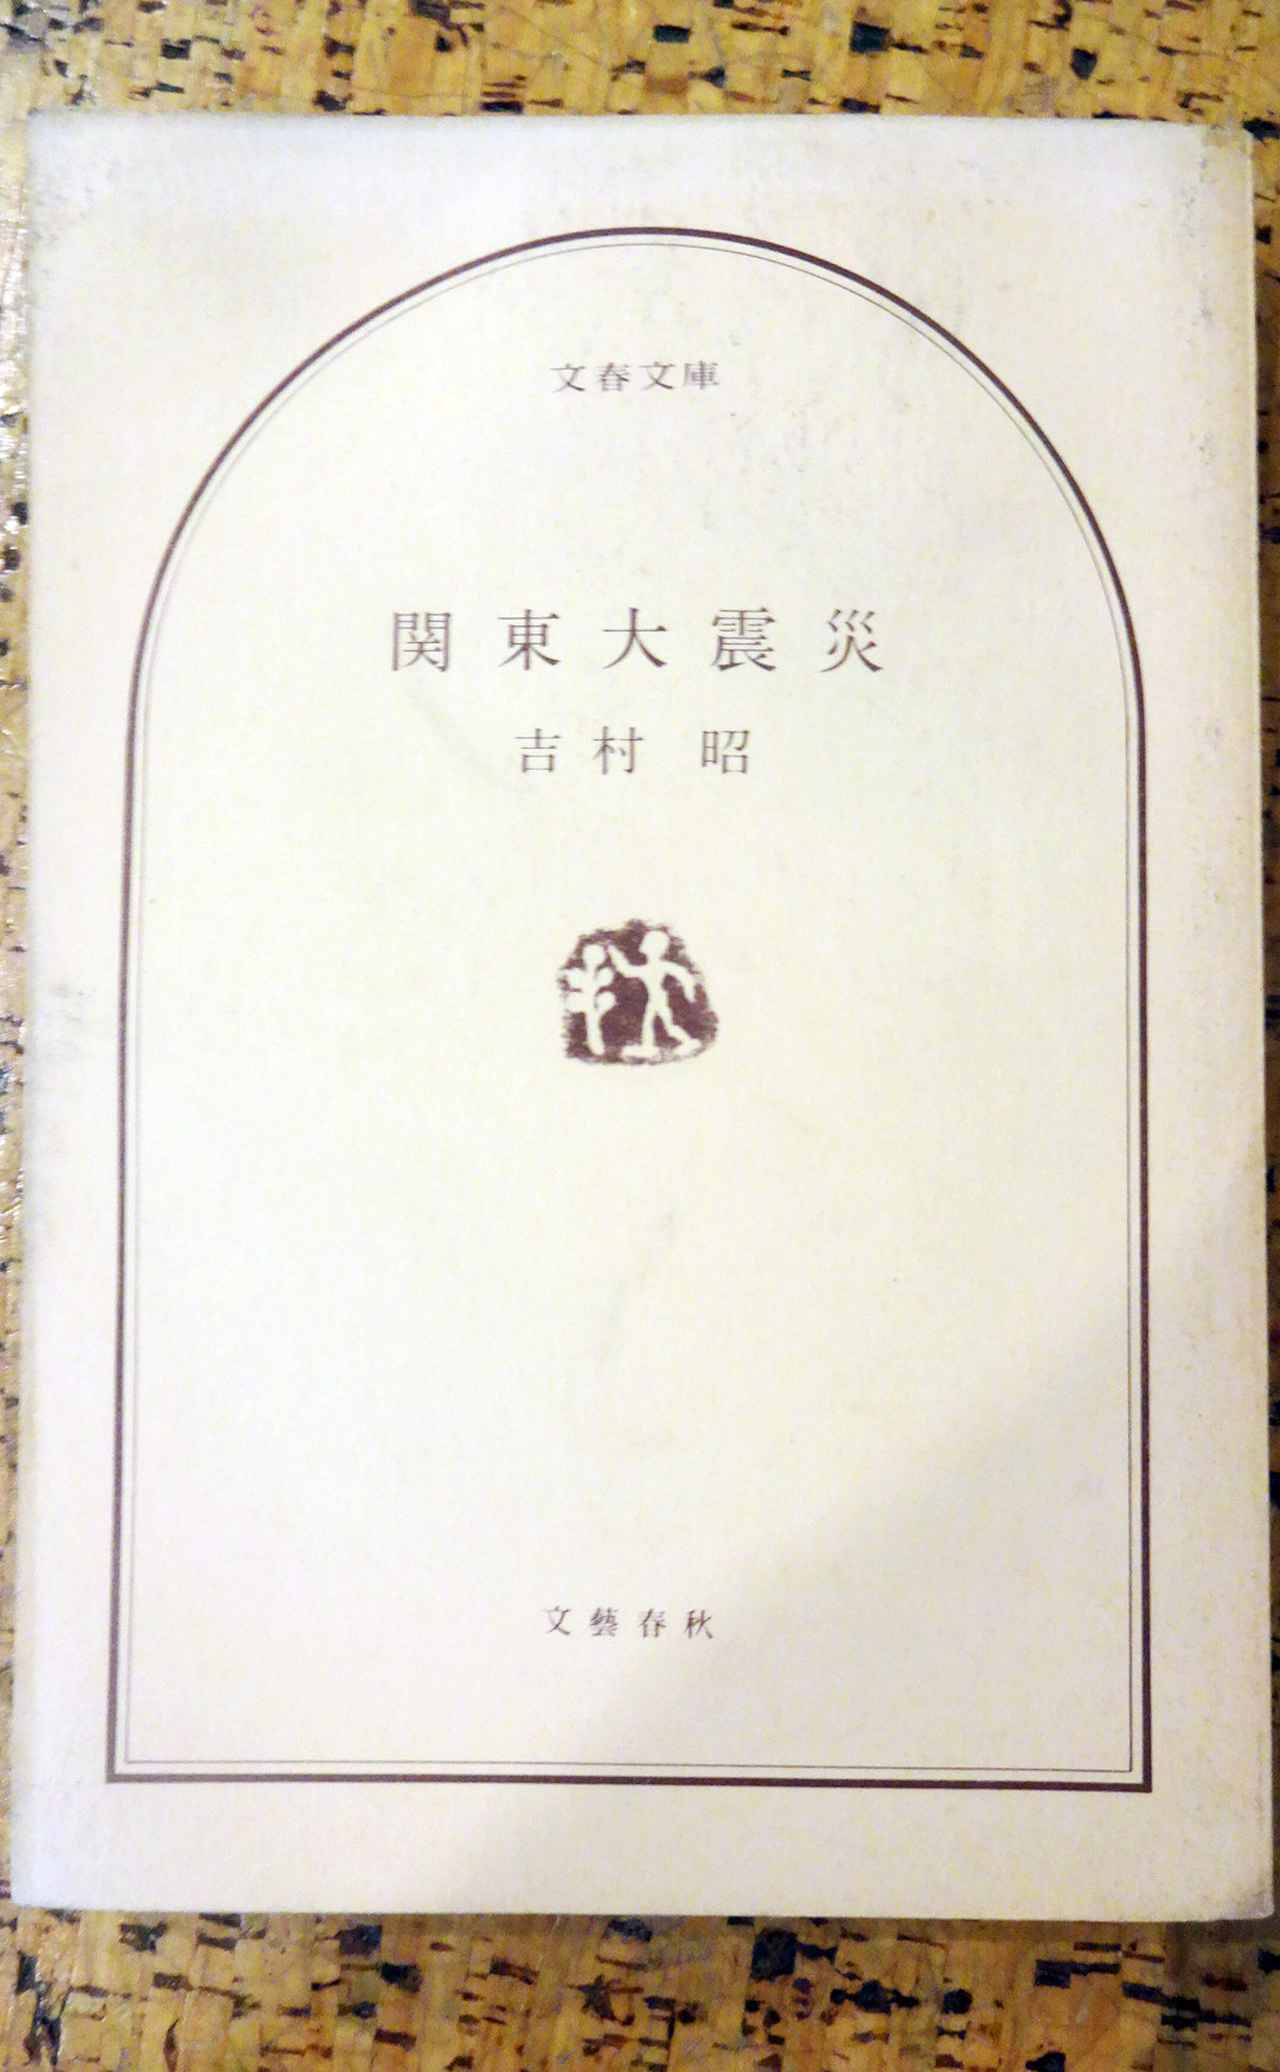 画像1: 永遠の図書室通信 第33話「著者 吉村昭」